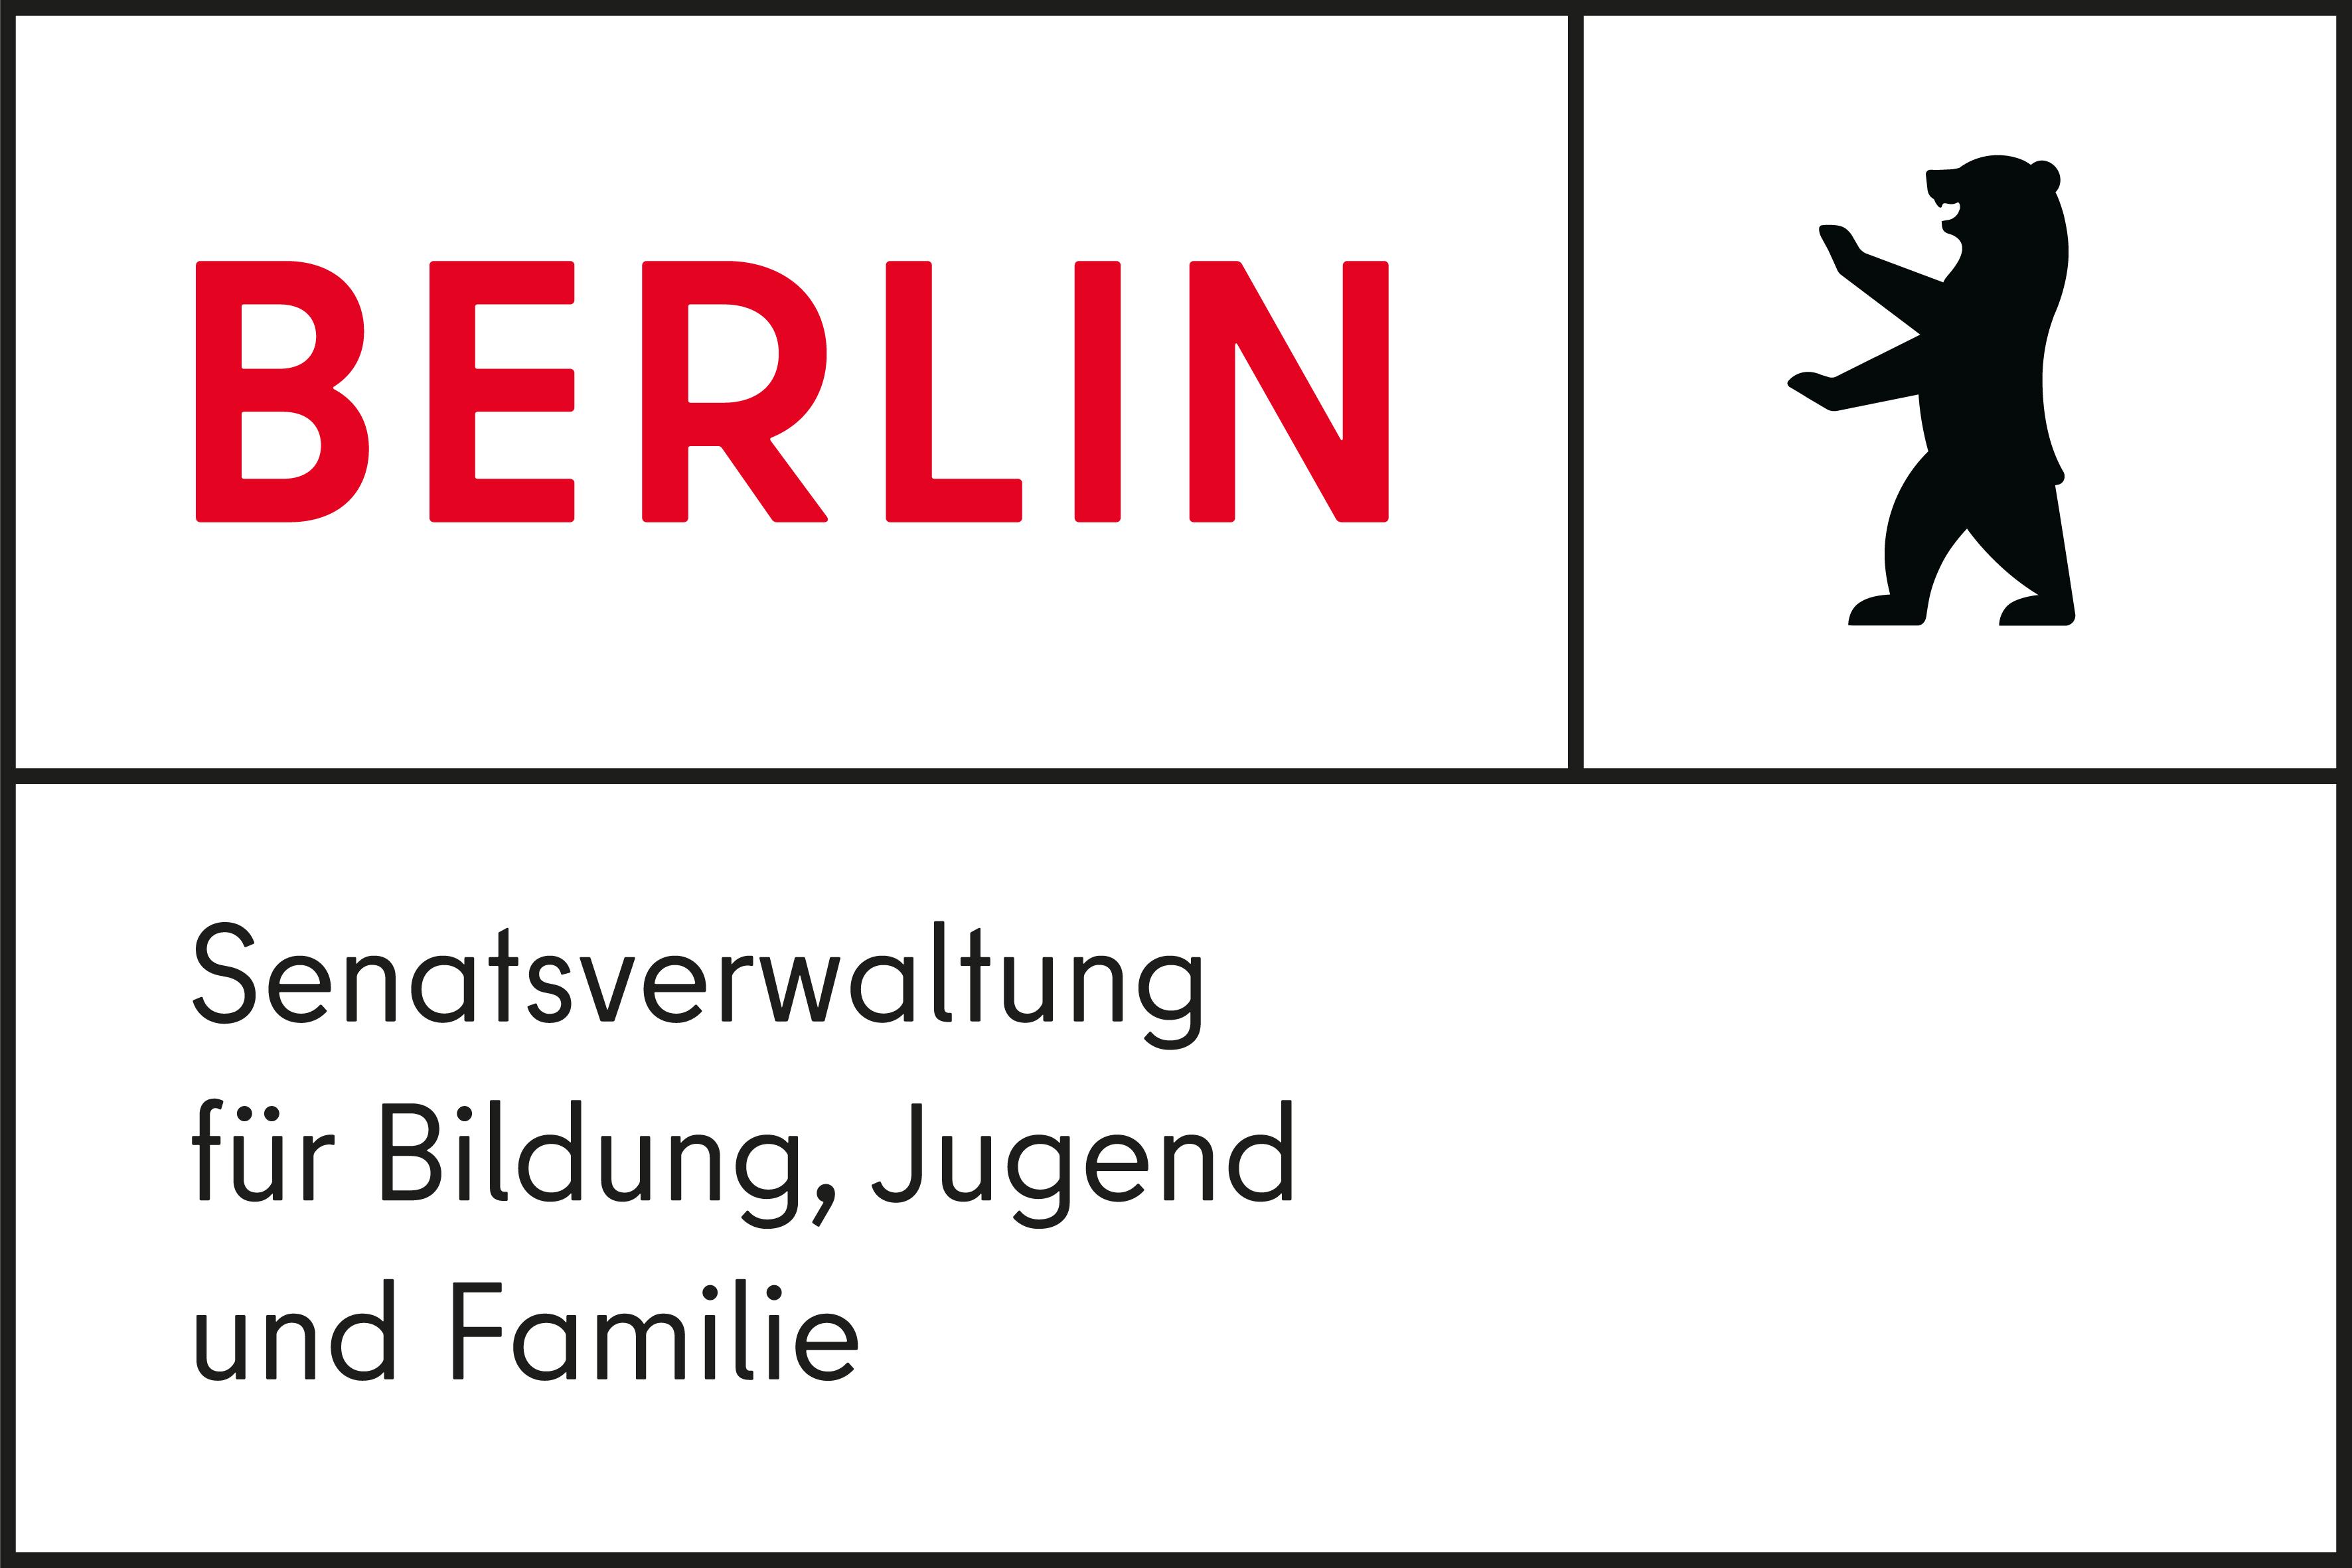 Logo der Senatsverwaltung für Bildung, Jugend und Familie